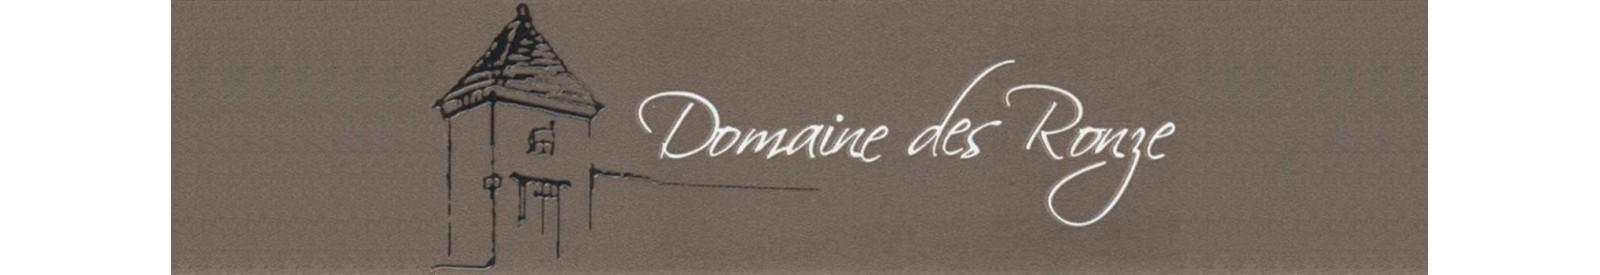 Domaine des Ronze - Régnié – Vin Bio